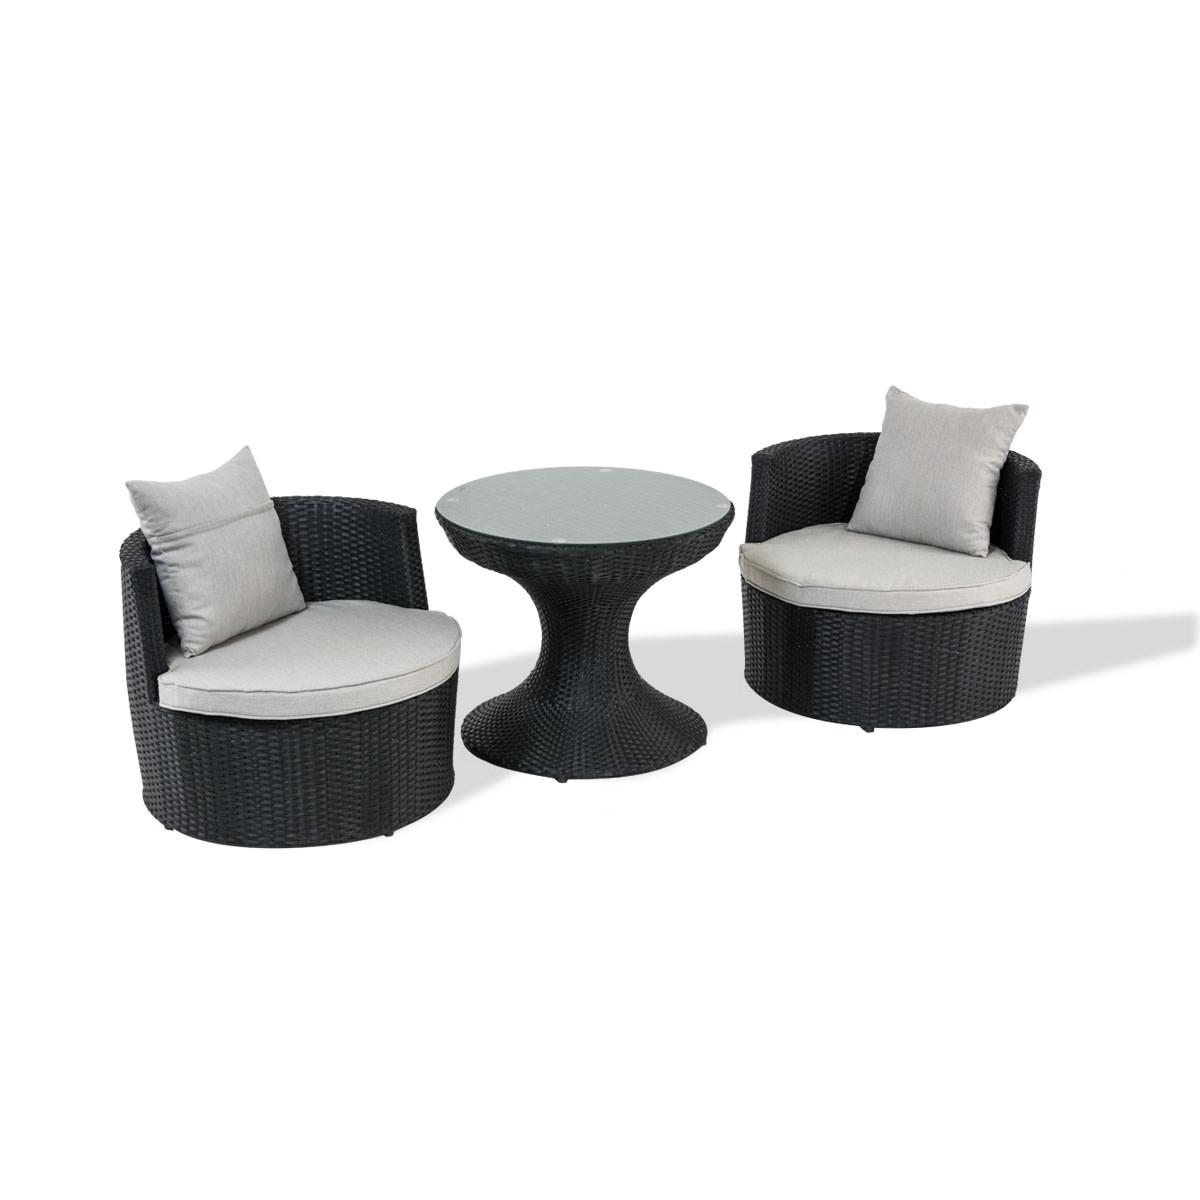 gartenmobel set rund interessante ideen f r die gestaltung von gartenm beln. Black Bedroom Furniture Sets. Home Design Ideas